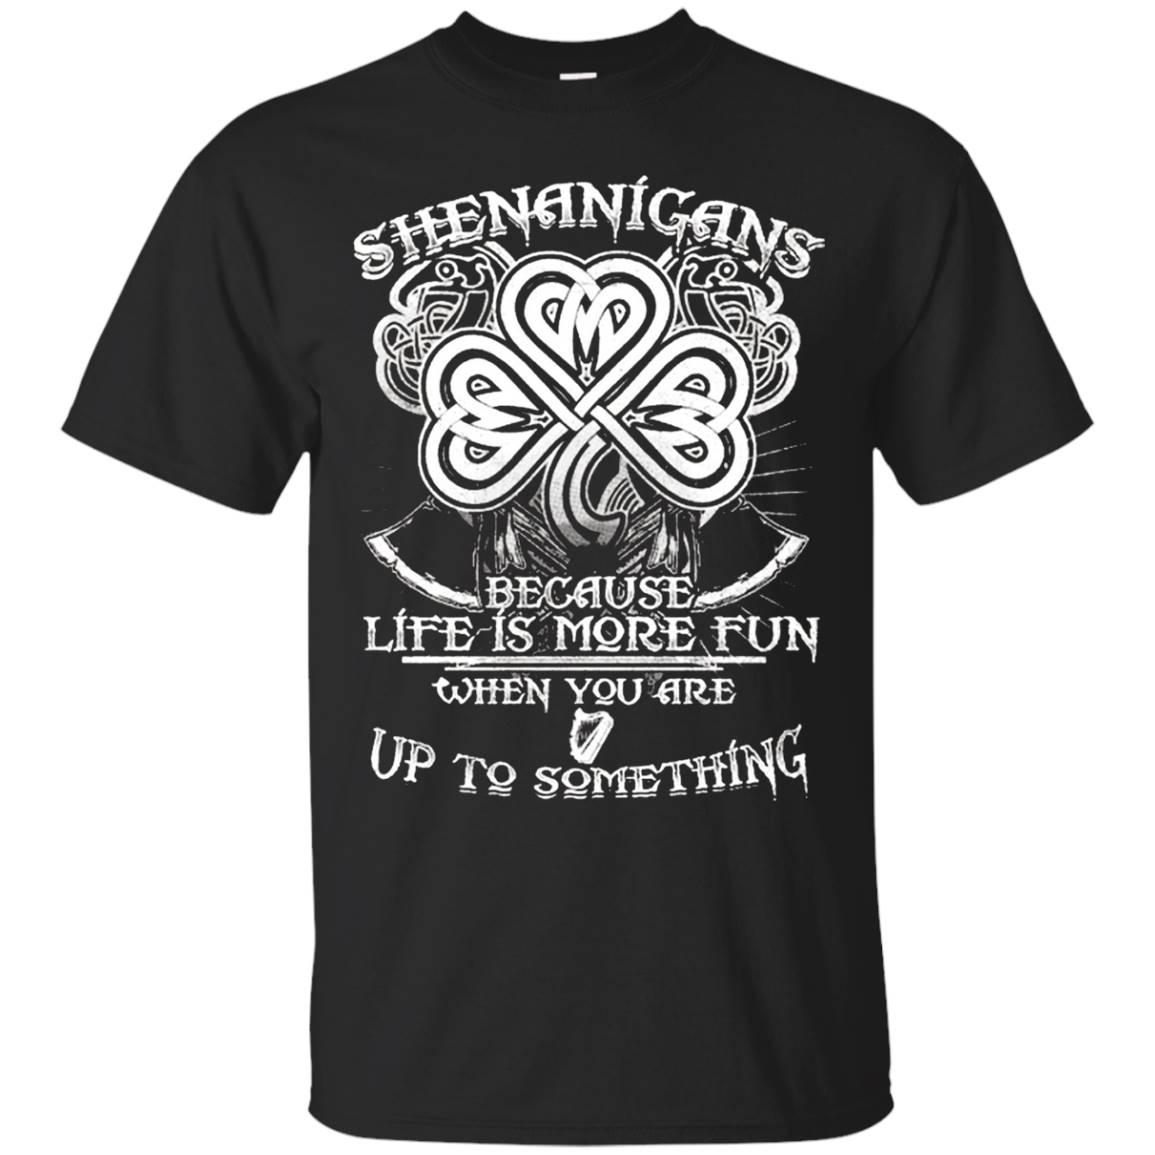 Shenanigans T Shirt – Life is More Fun Up To Something Shirt